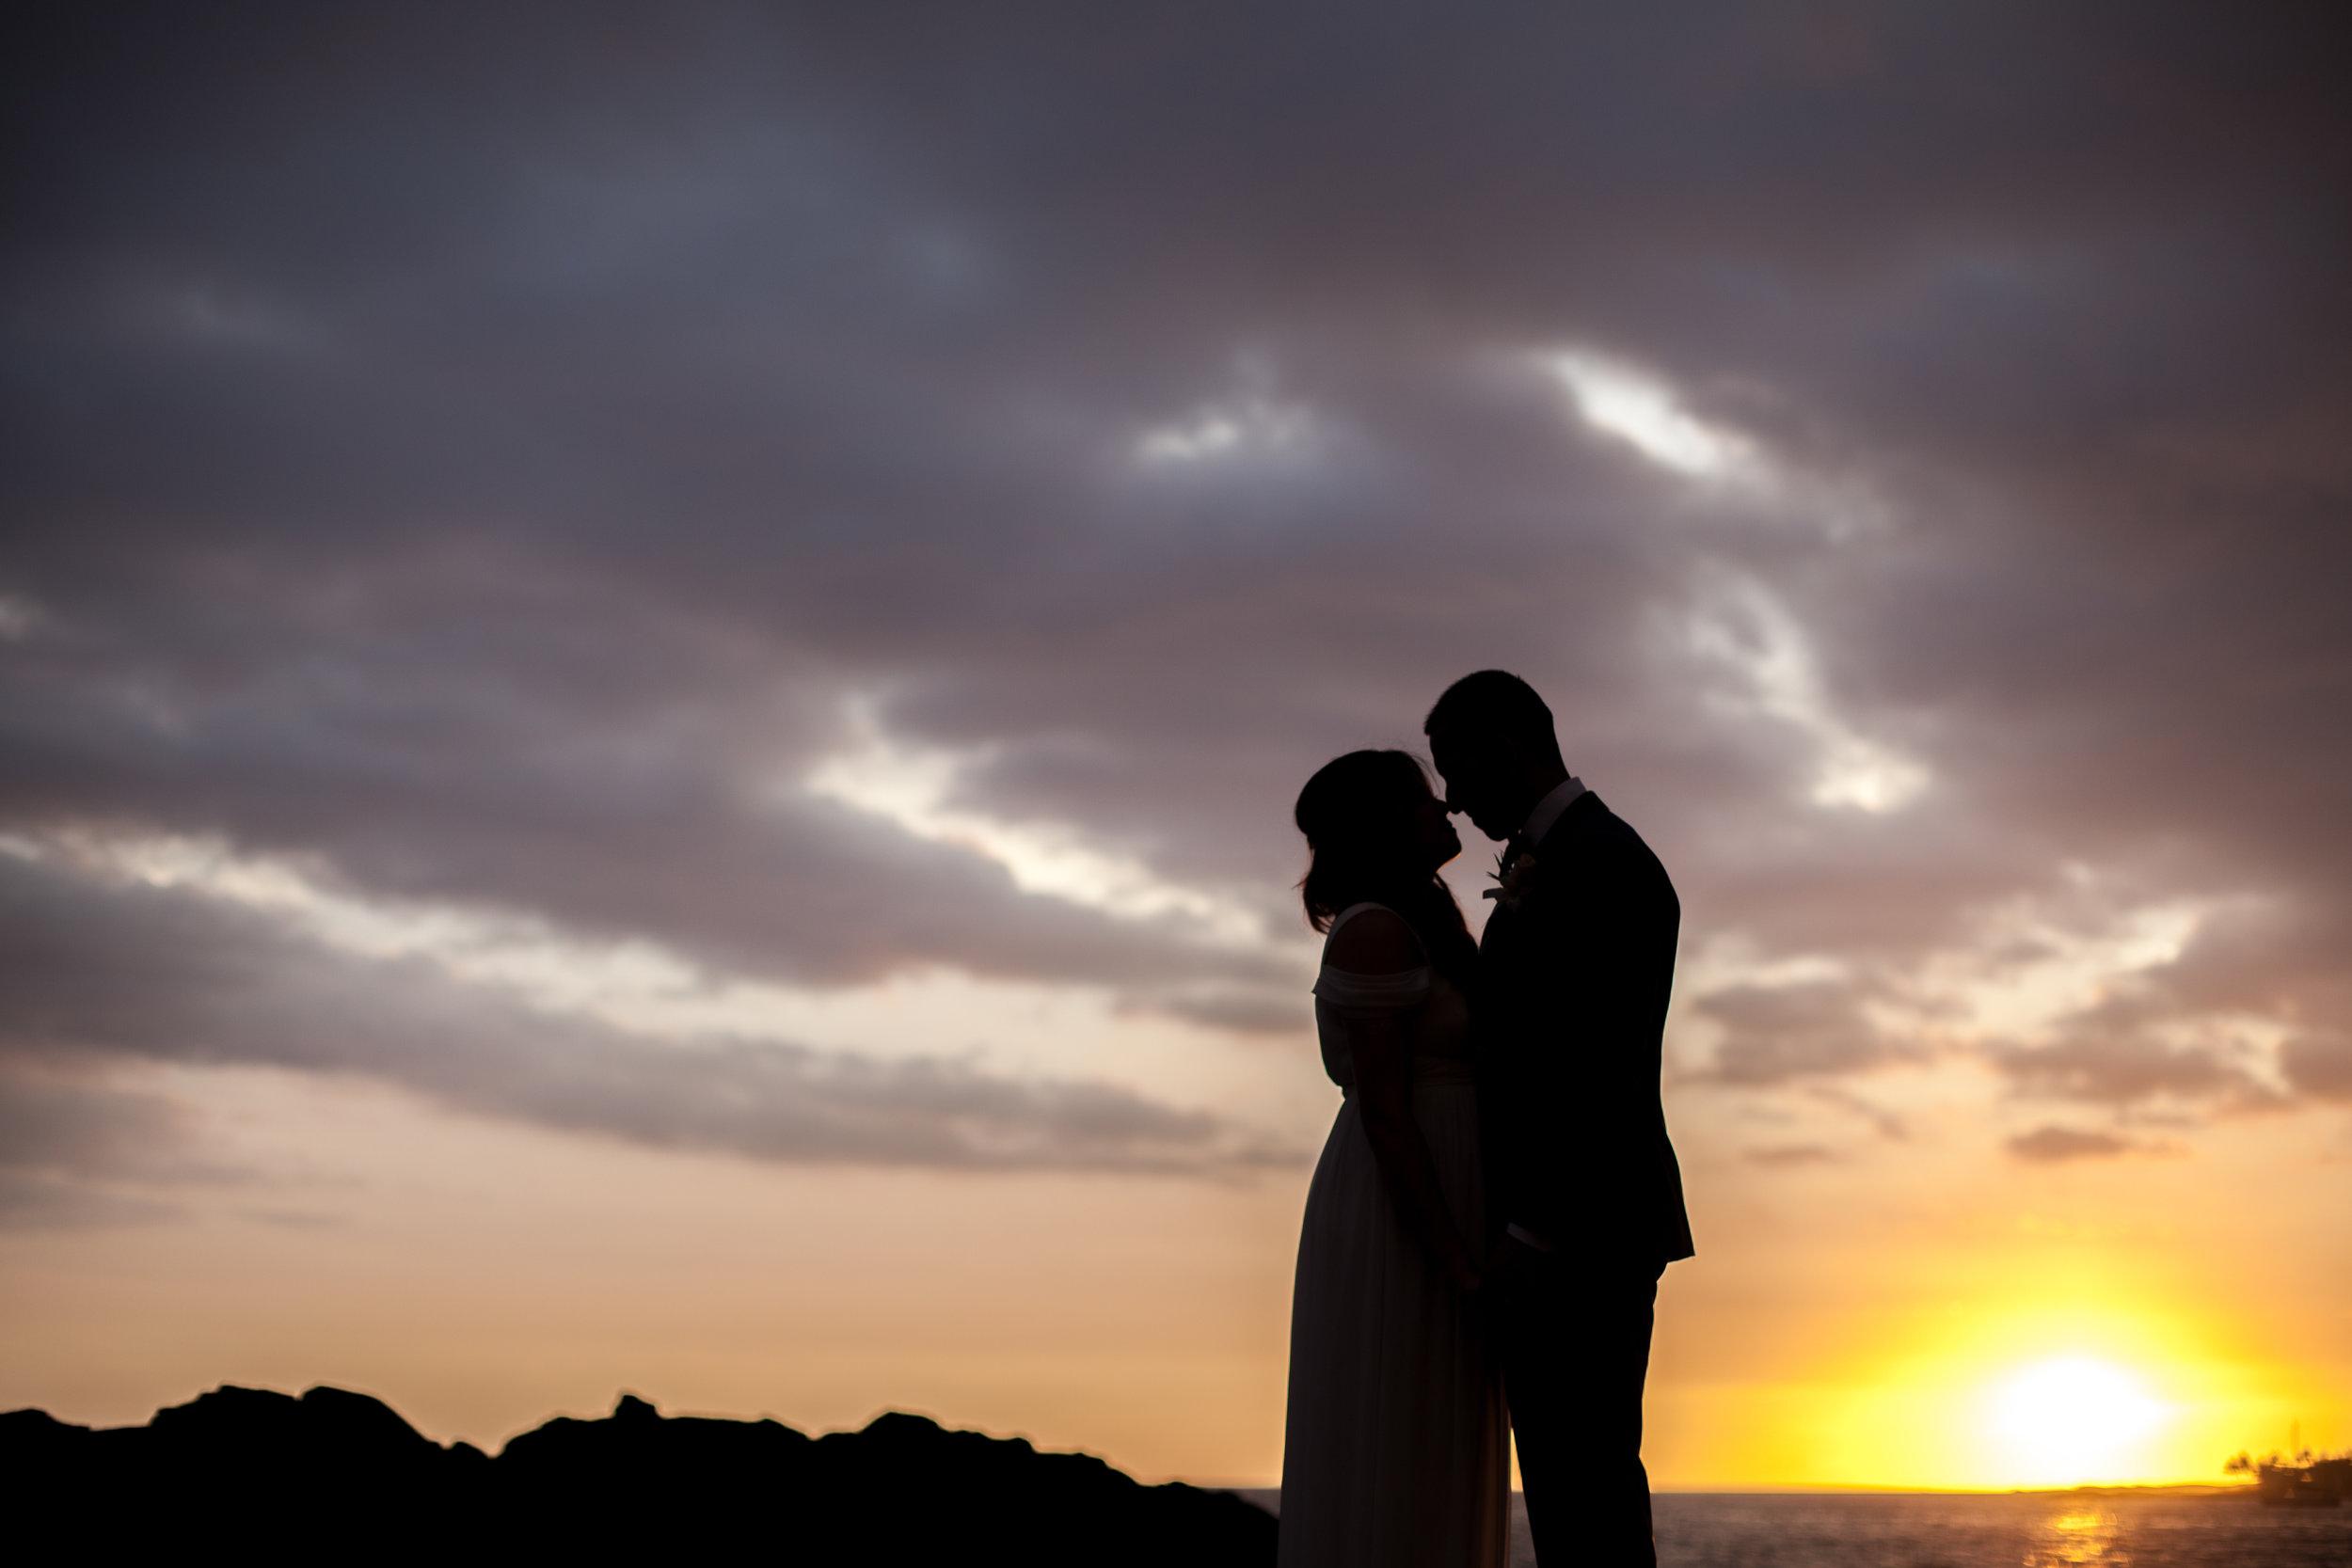 big island hawaii royal kona resort beach wedding © kelilina photography 20170615185434.jpg